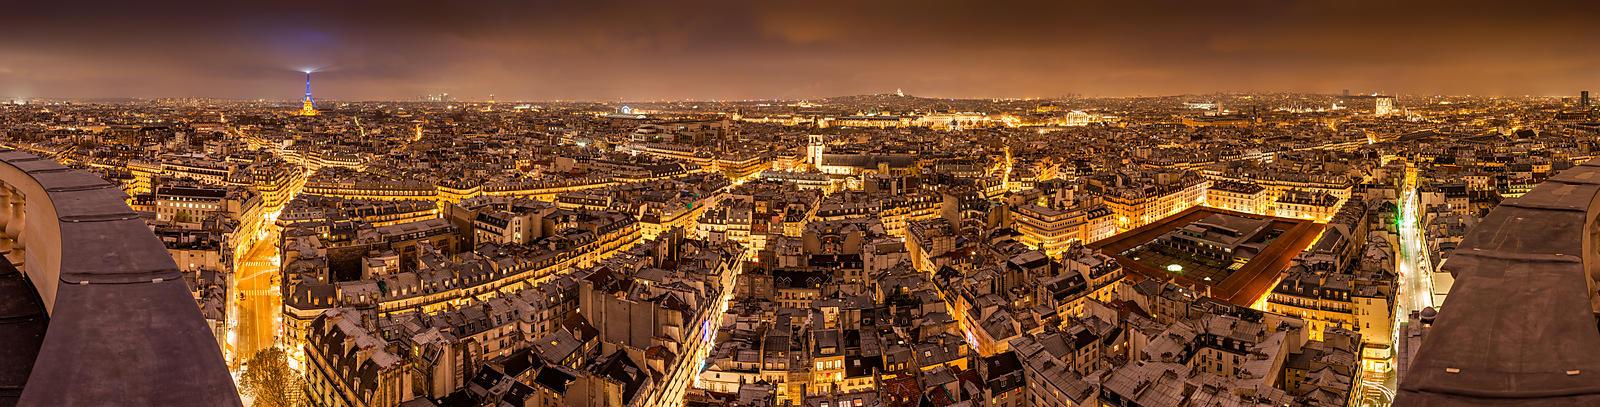 Phototh que arnaud frich panorama de paris la nuit les for Piscine de nuit paris